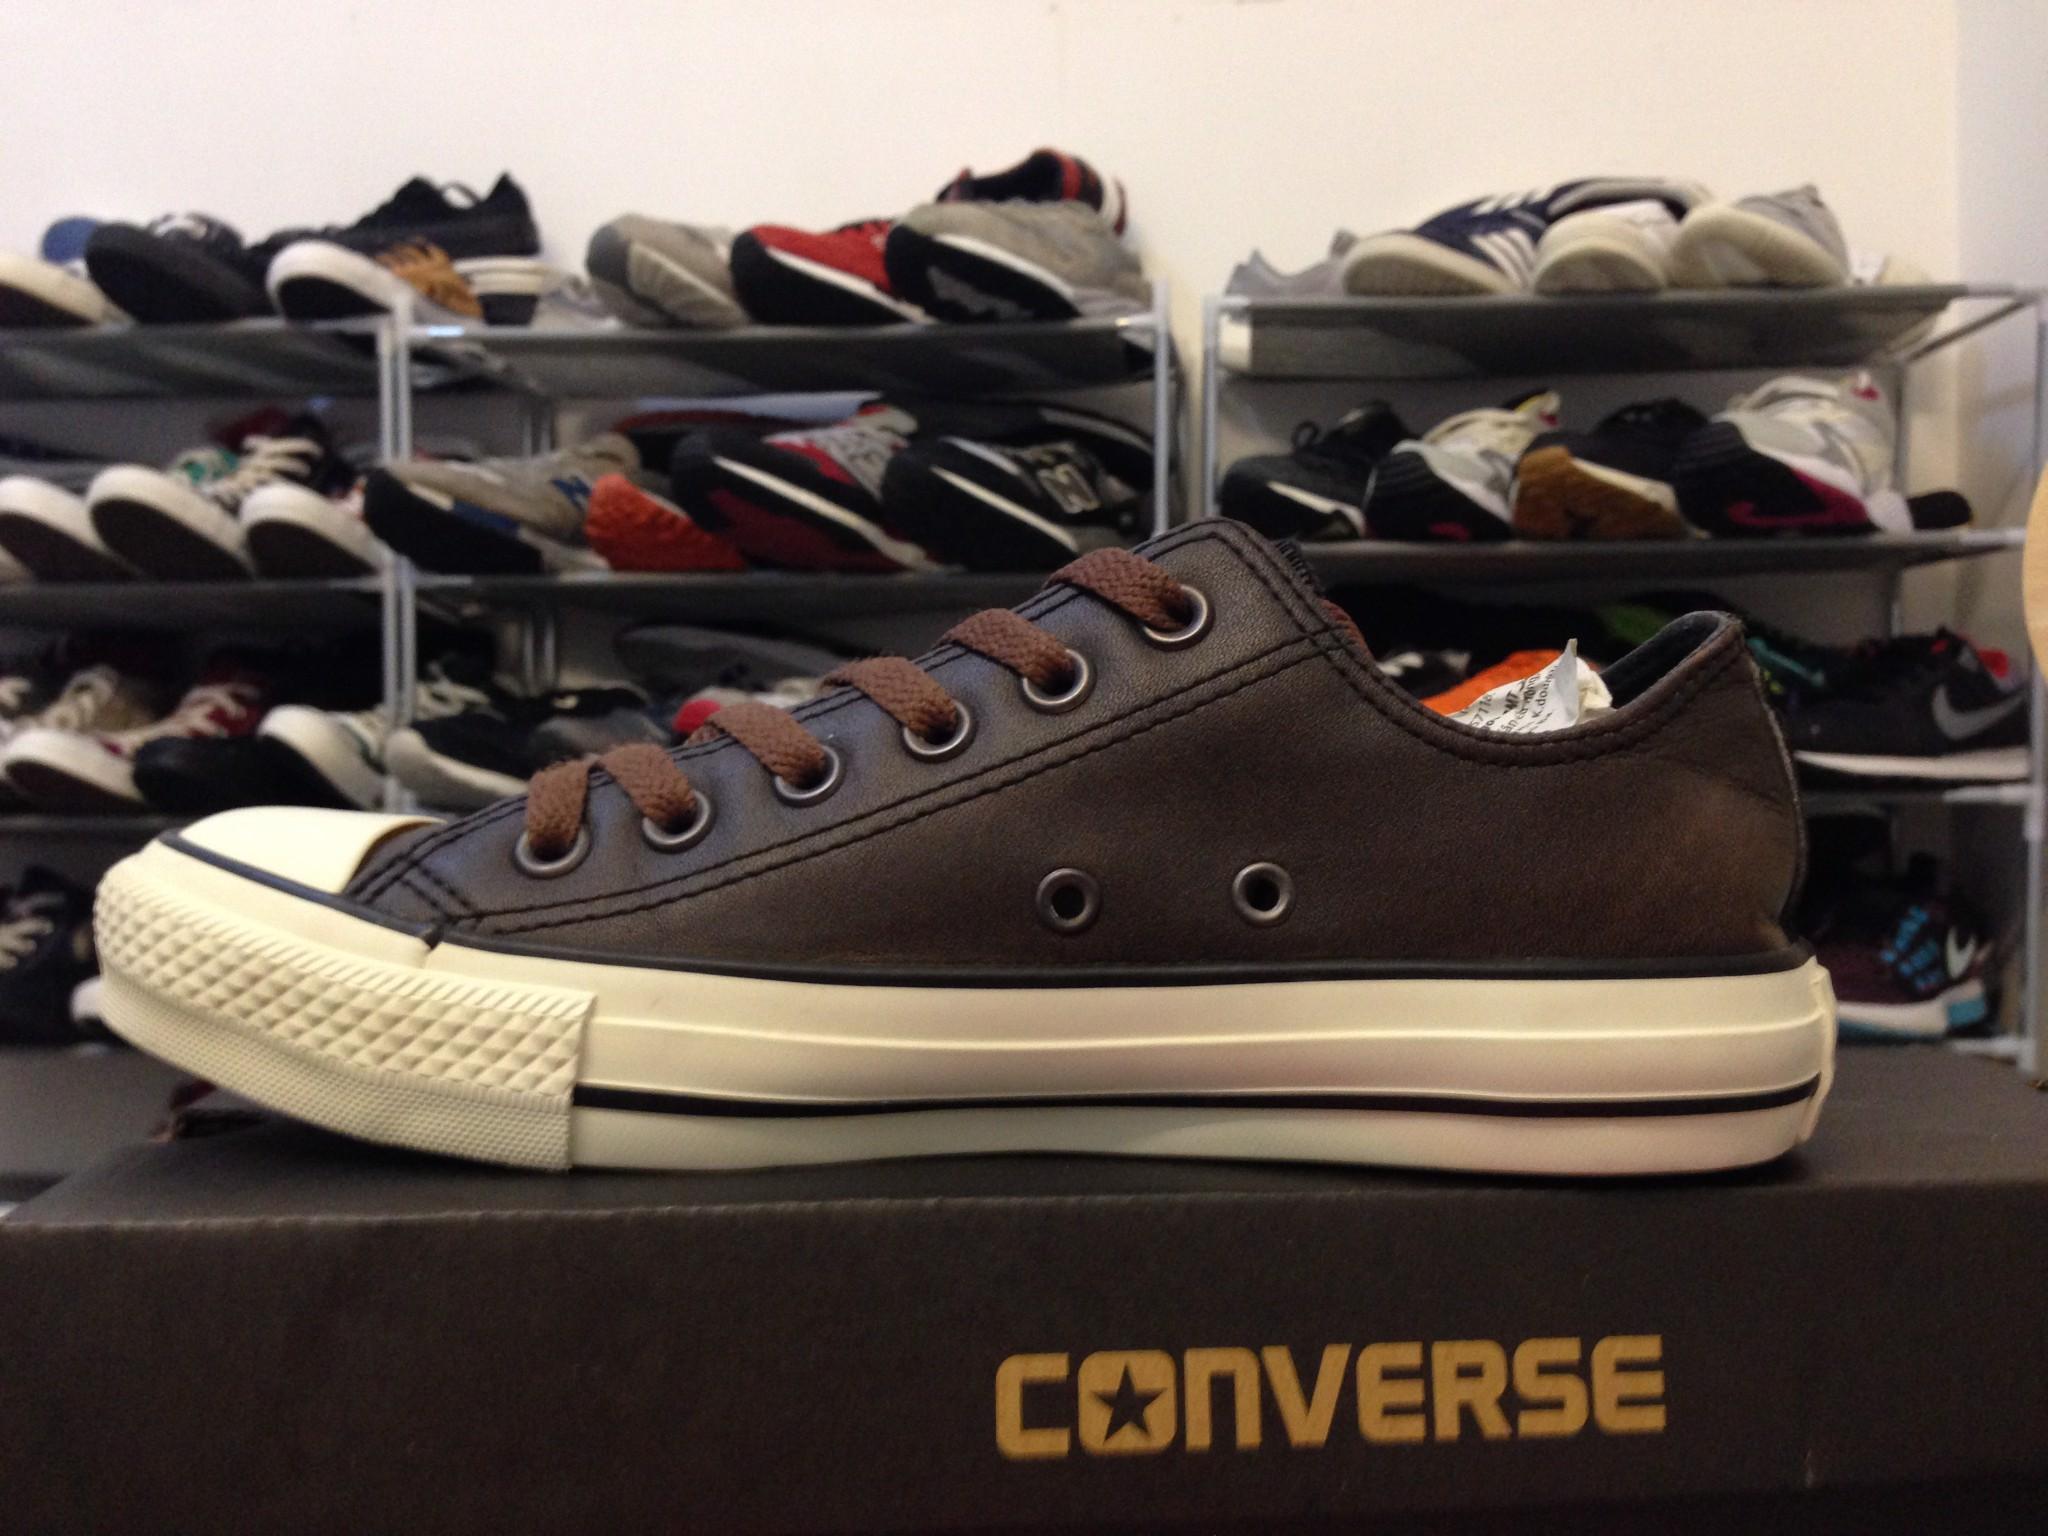 465457bf6996 Giày Converse 2hand real màu vàng cam cổ cao 37.5 24cm – Quẹo Lụm